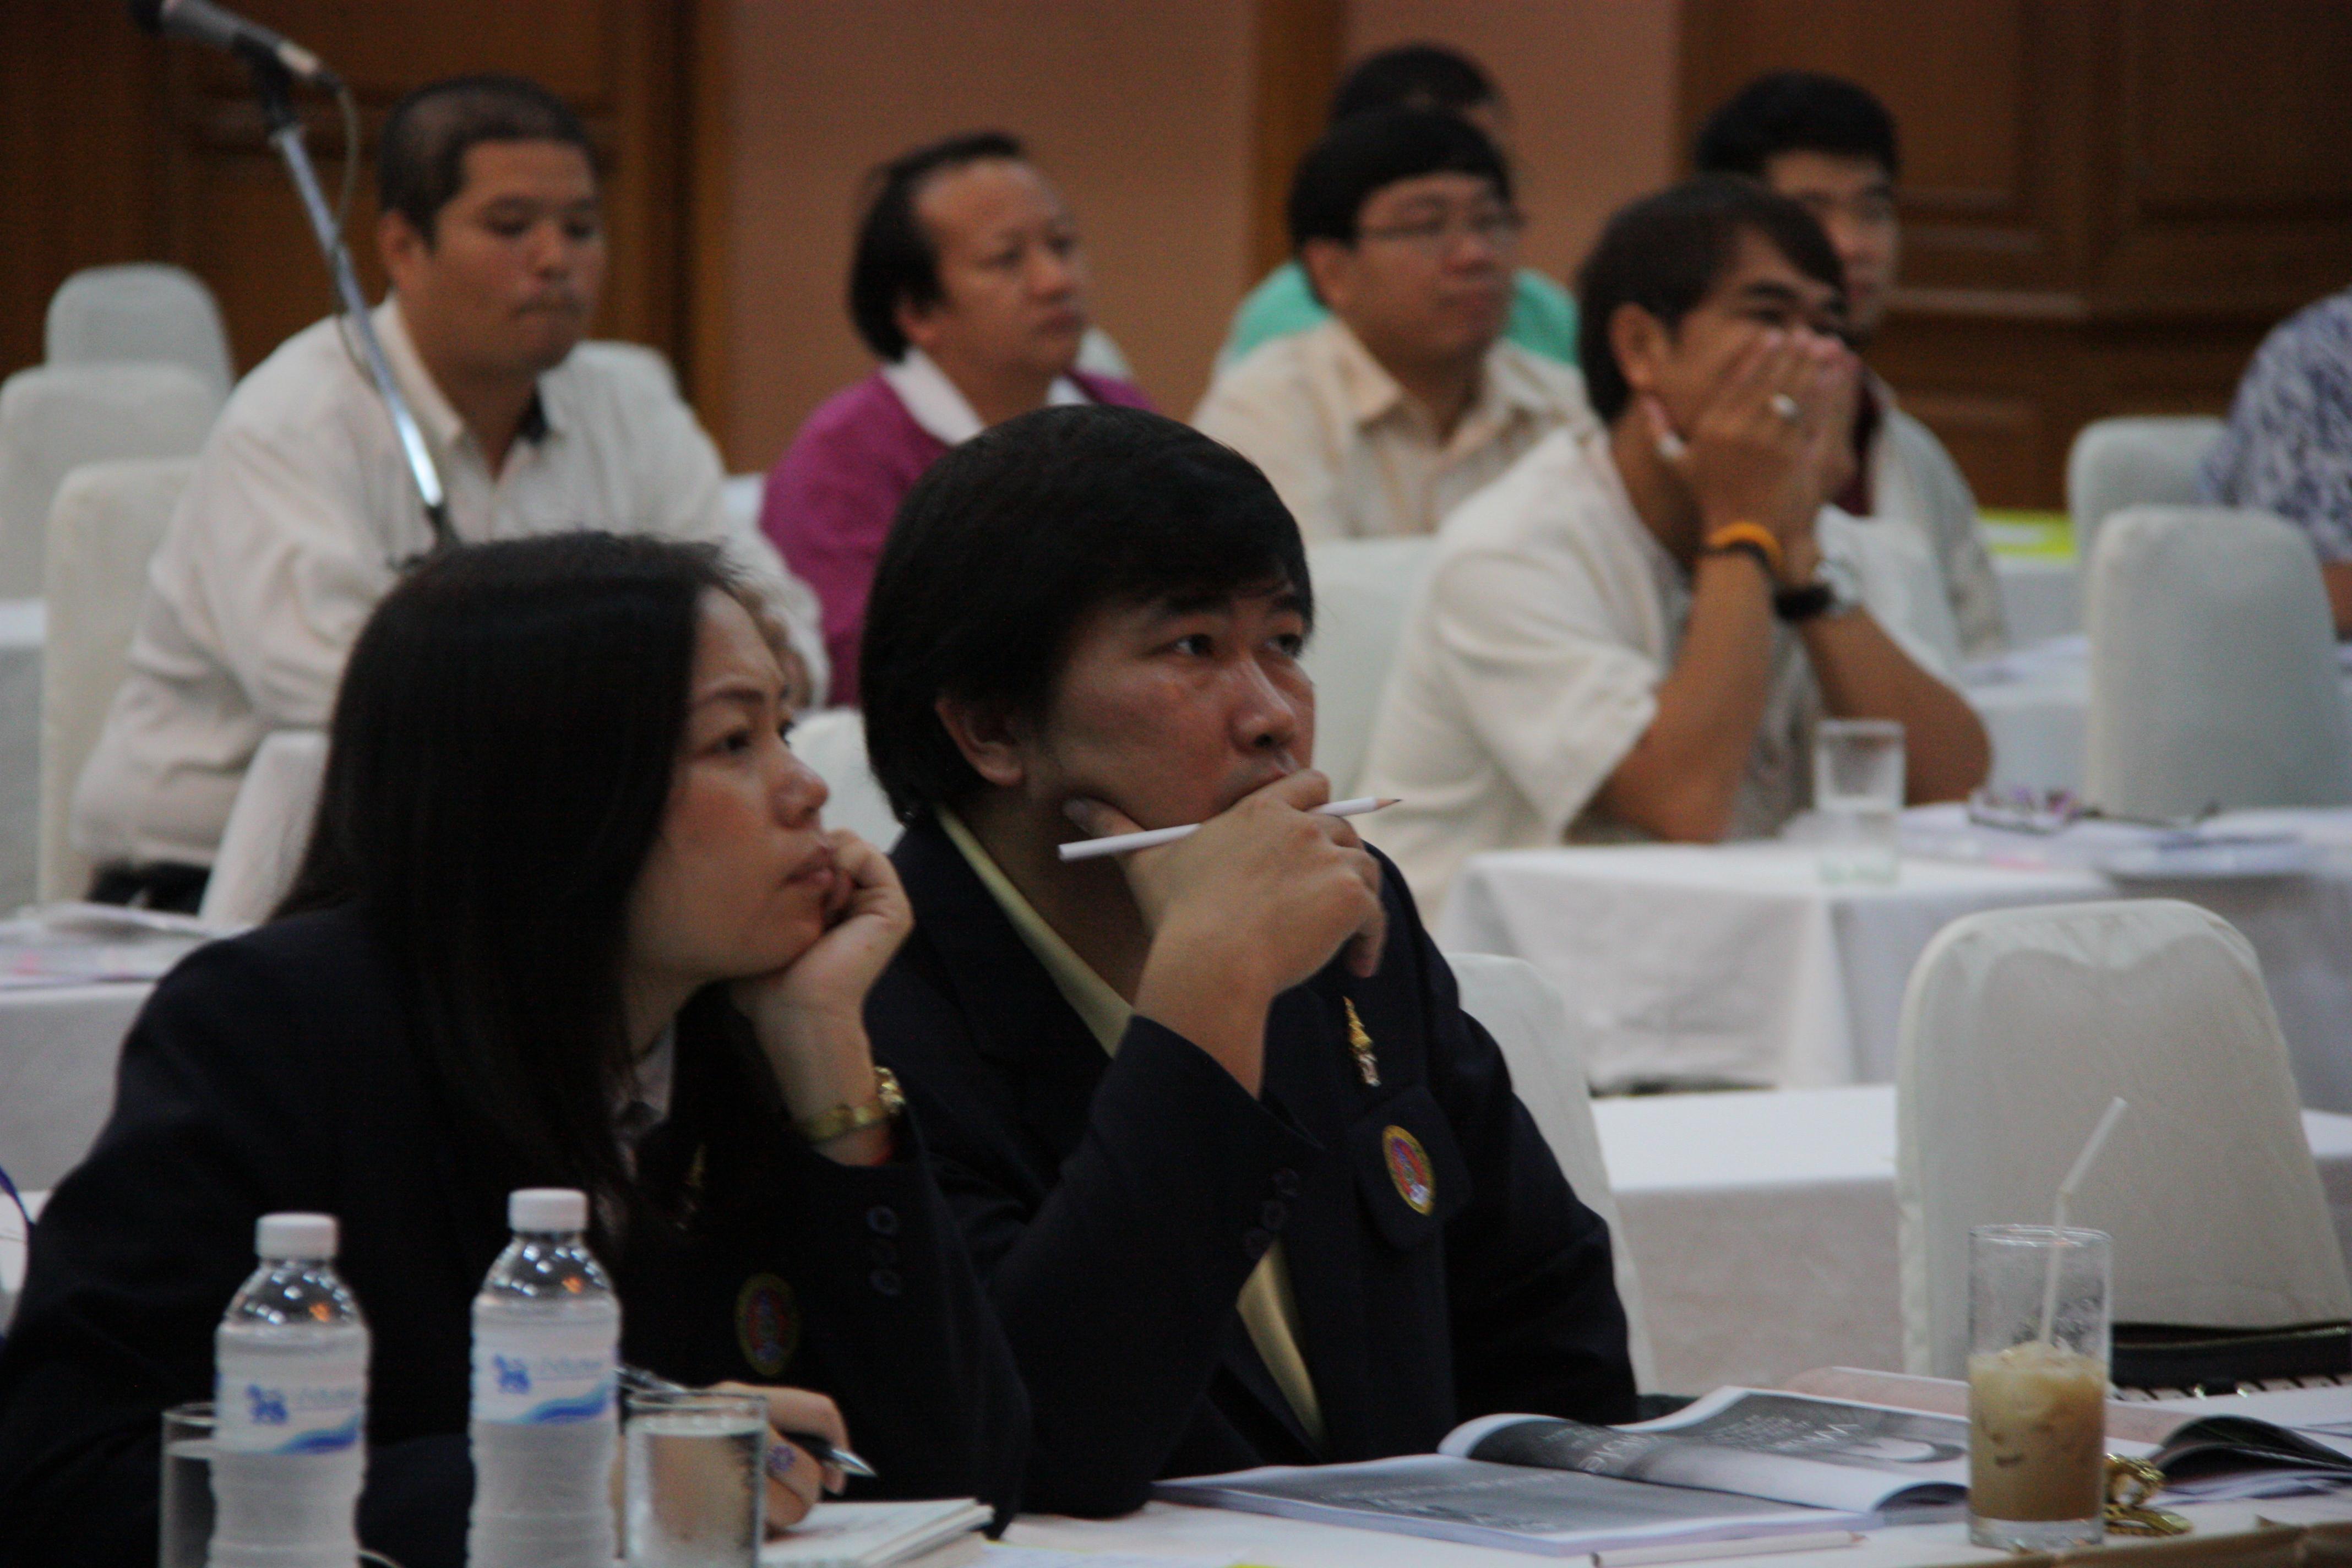 พิธีเปิดการประชุมวิชาการด้านล้านนาคดีศึกษา ของกลุ่มเครือข่ายศิลปวัฒนธรรม มหาวิทยาลัยในภาคเหนือ